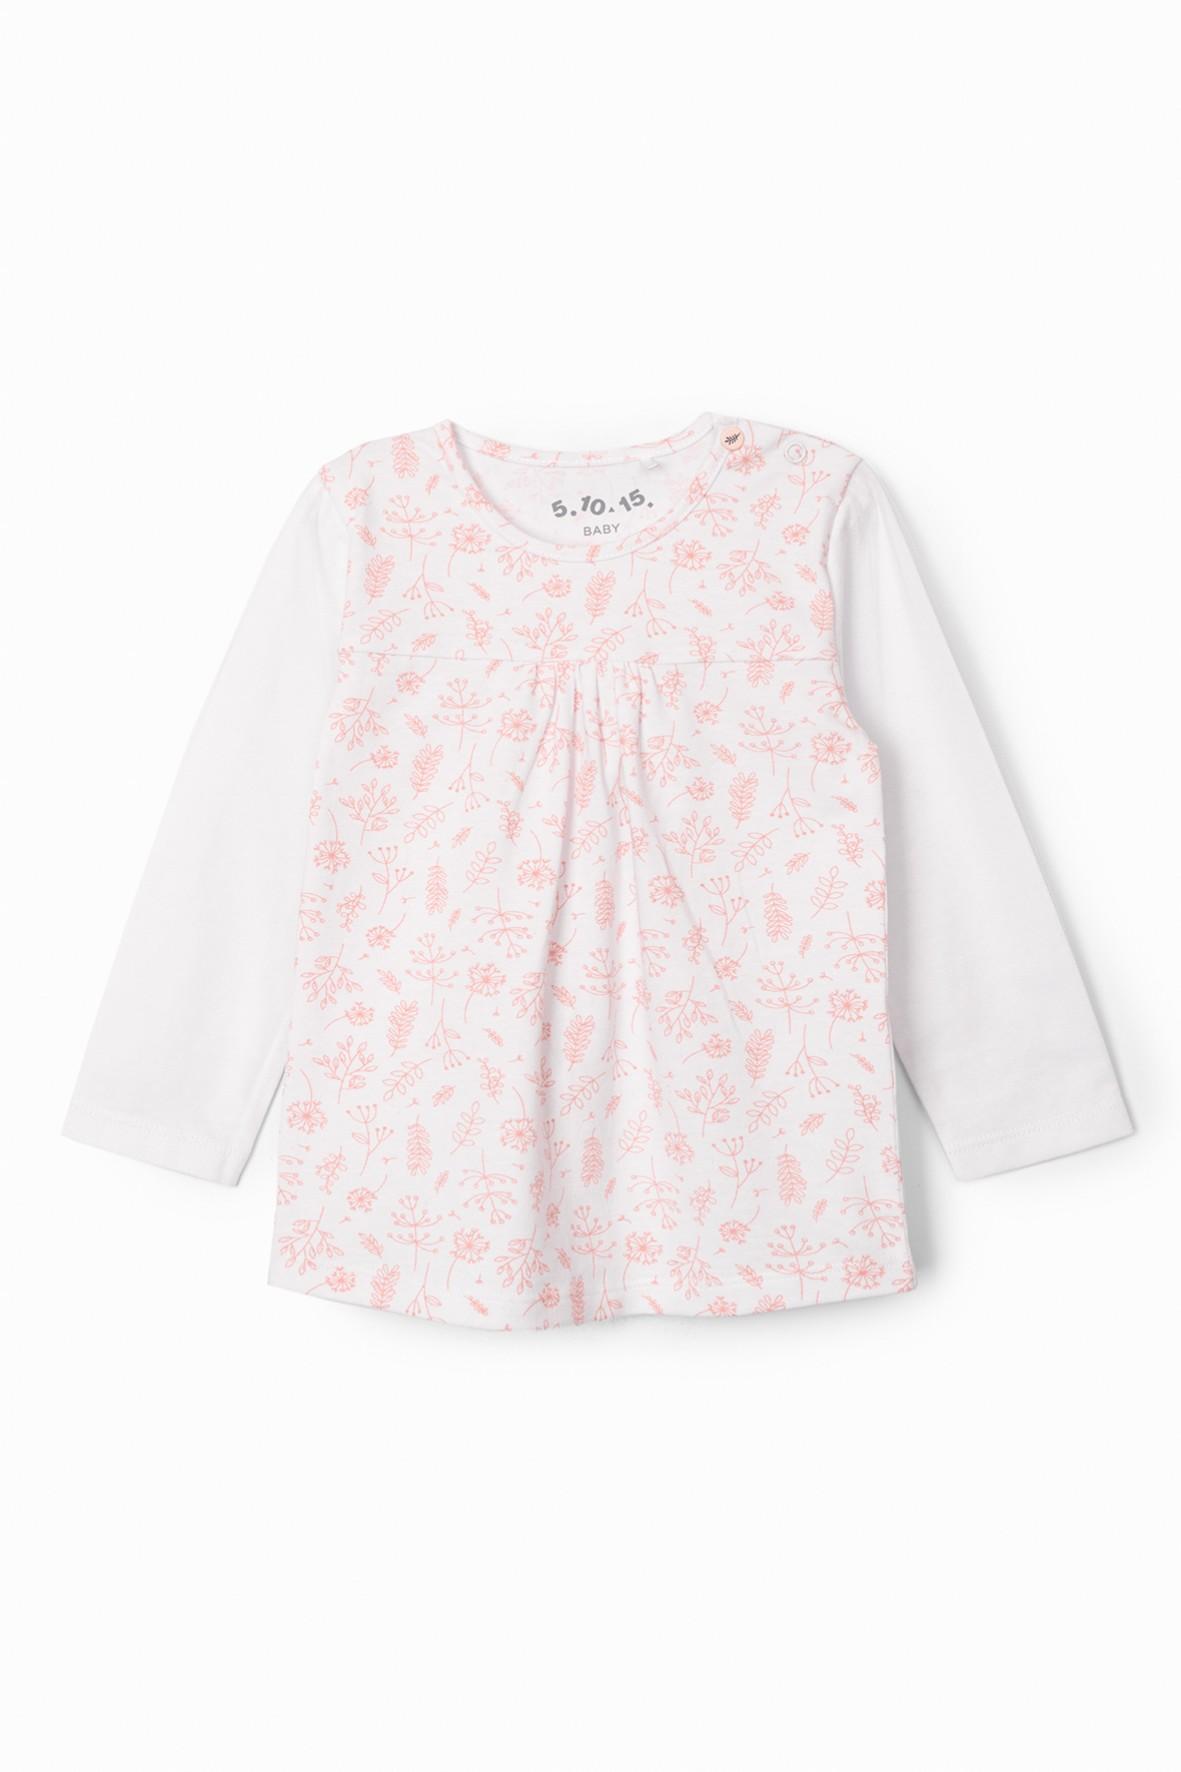 Bluzka dziewczęca w kwiatki - biała z tiulowym przodem